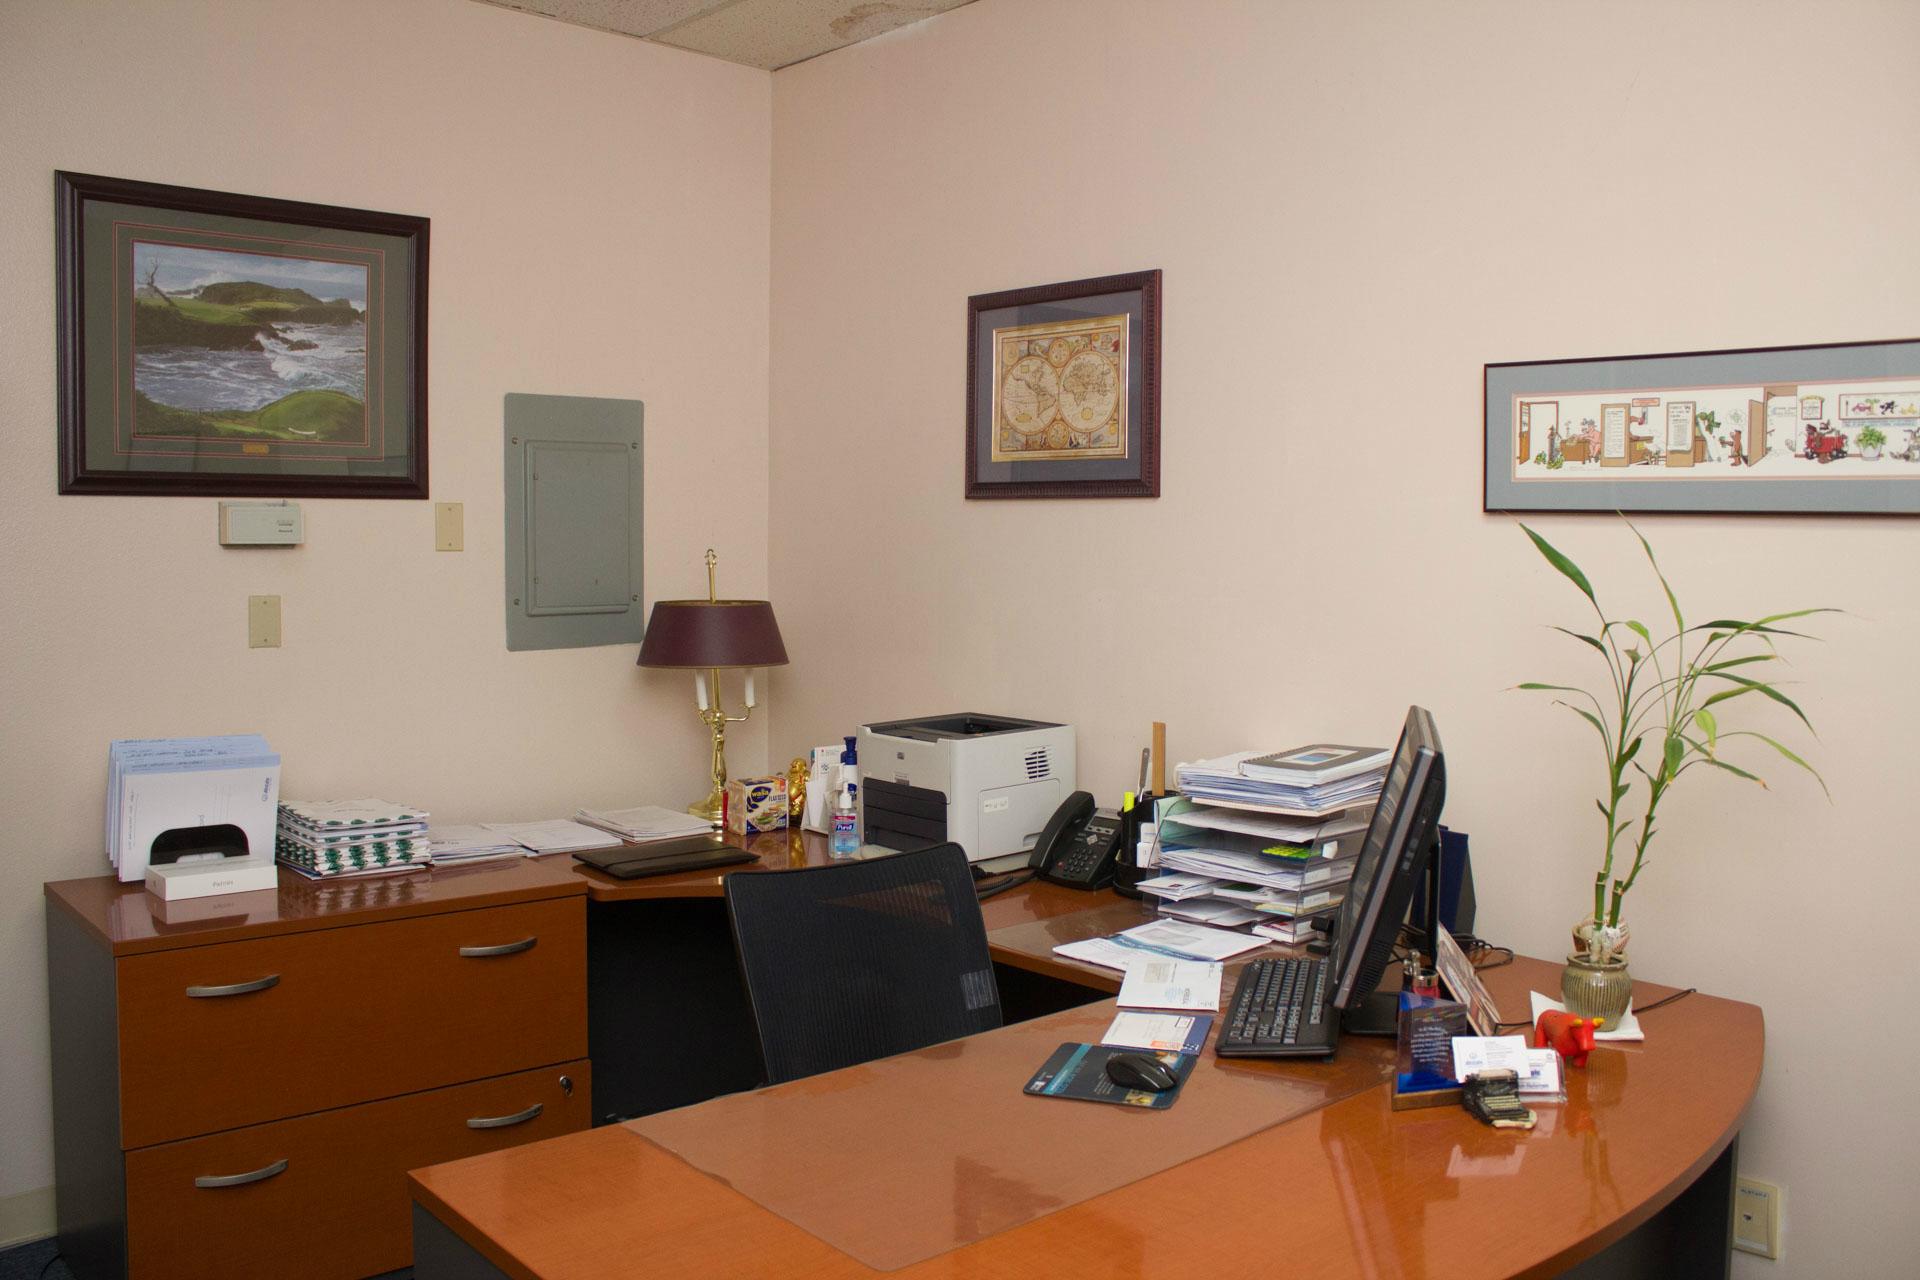 Jon De Leon: Allstate Insurance image 3